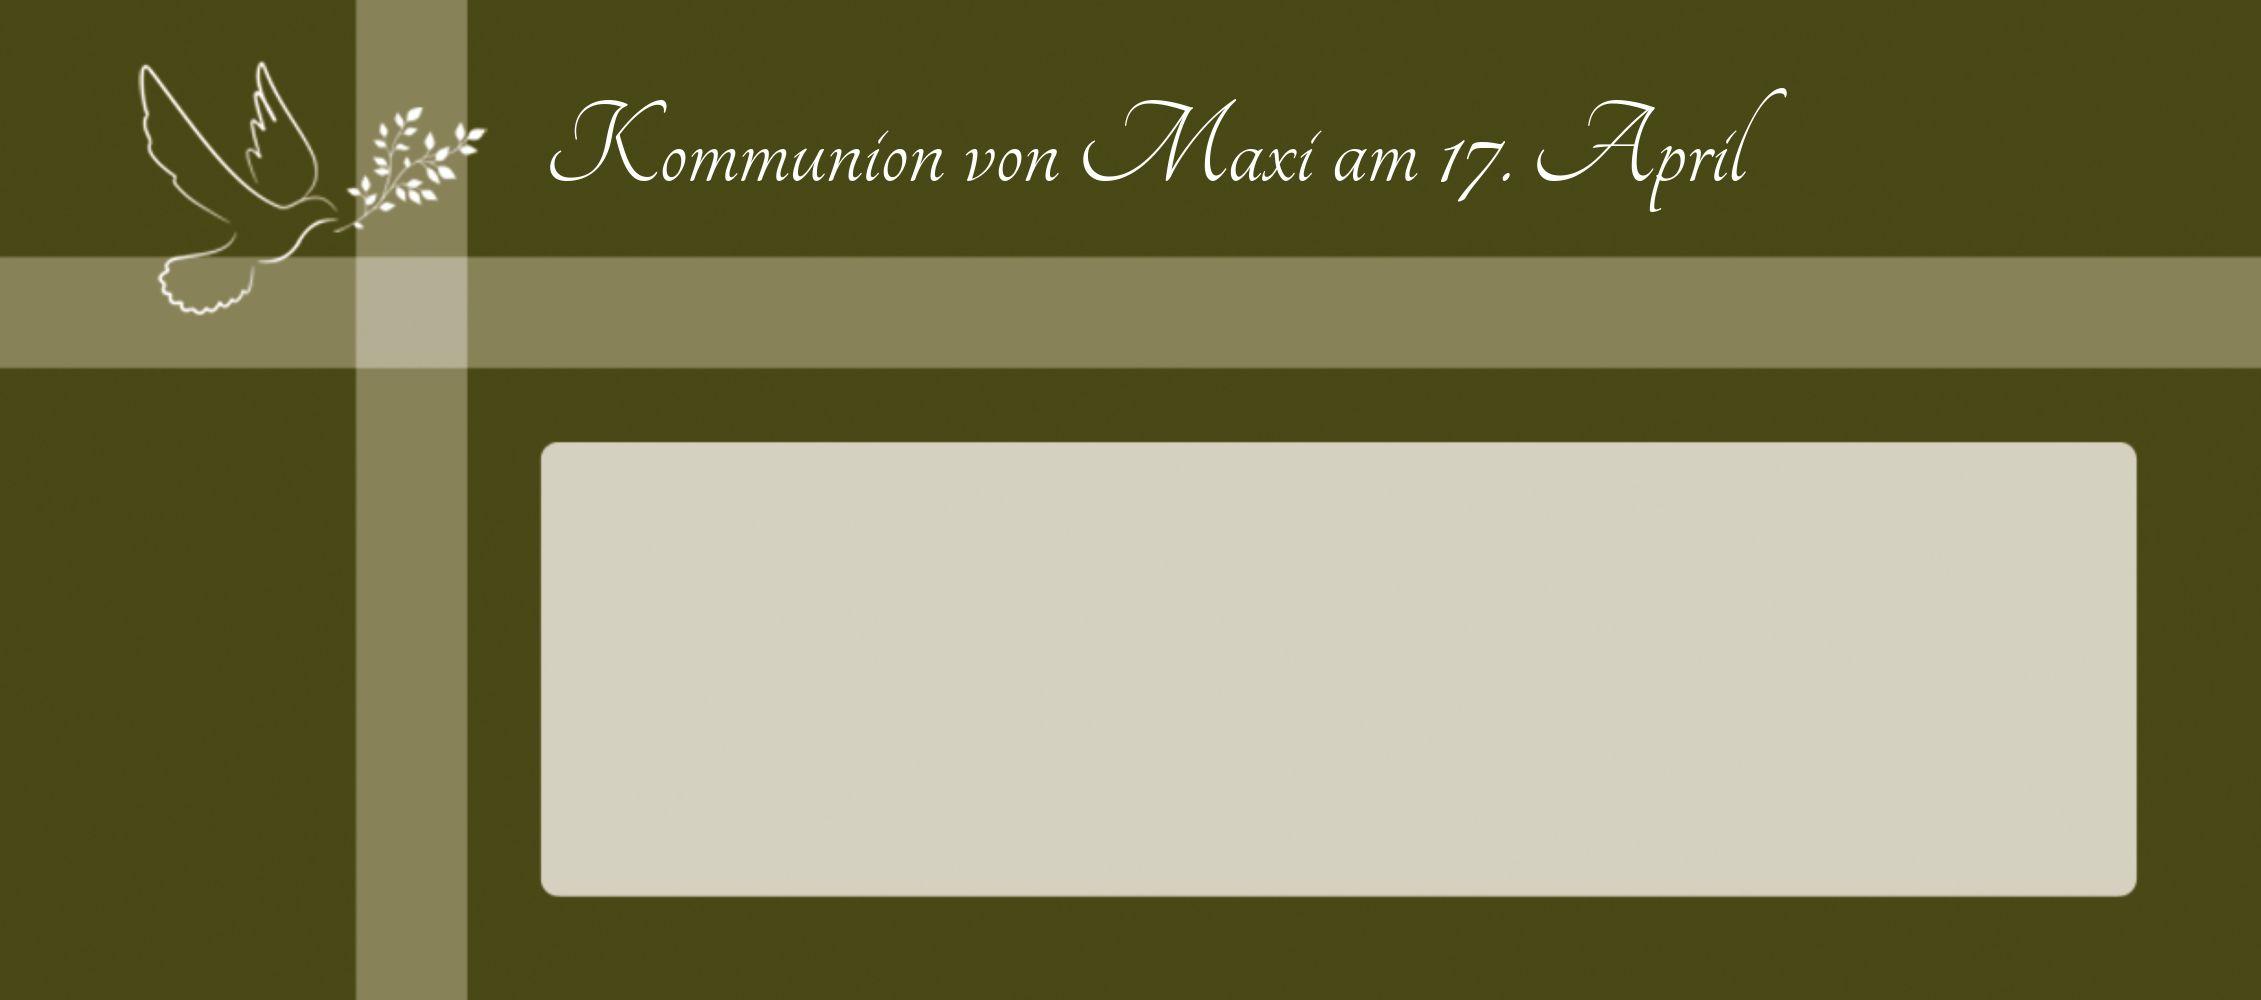 Ansicht 3 - Tischkarte Kommunion Glaubensbote